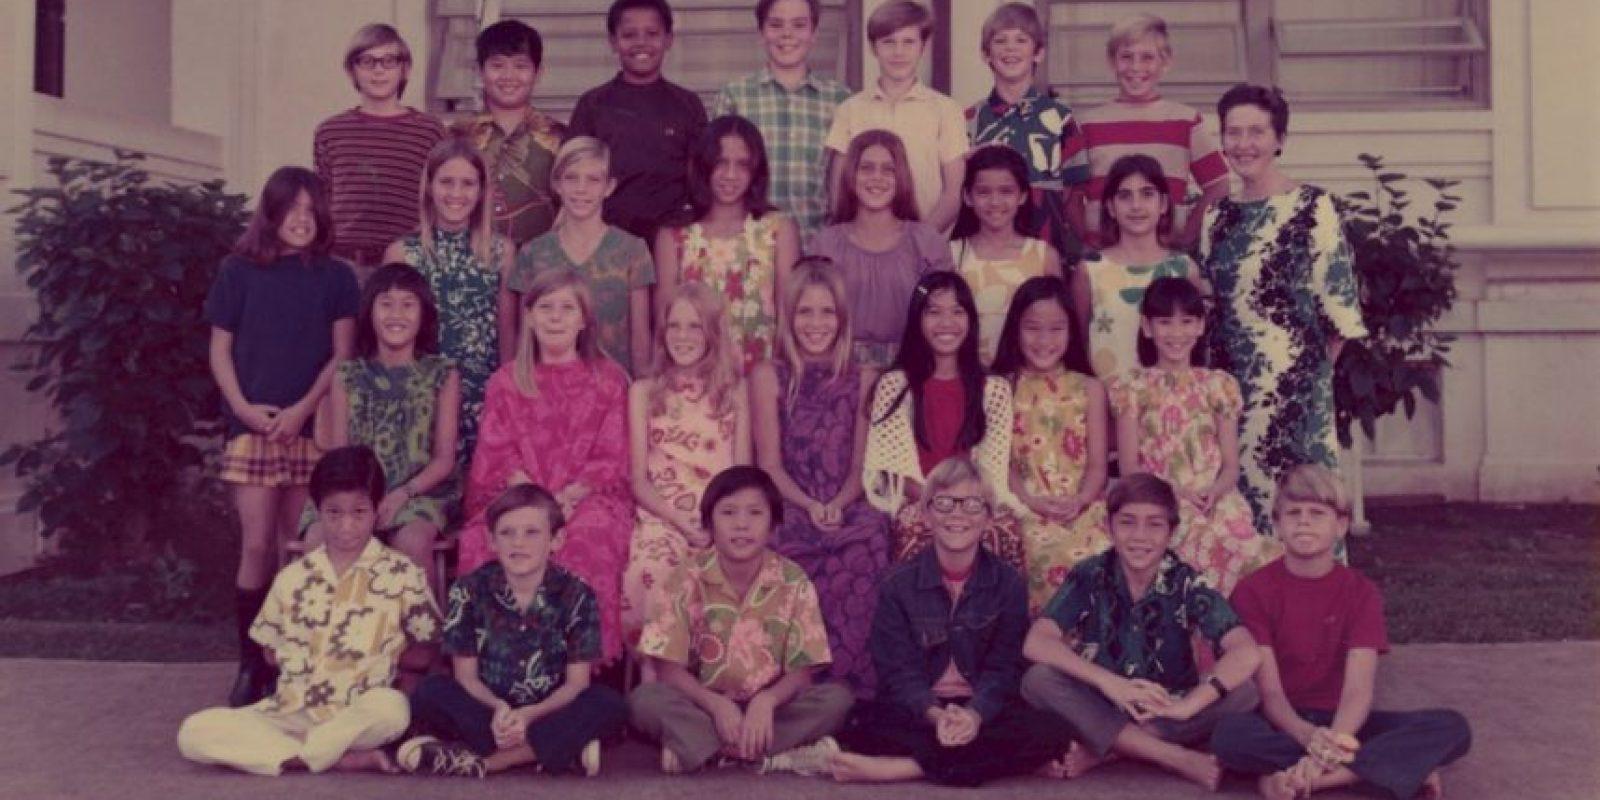 El tuit en recuerdo de su maestra Foto:Twitter.com/Potus